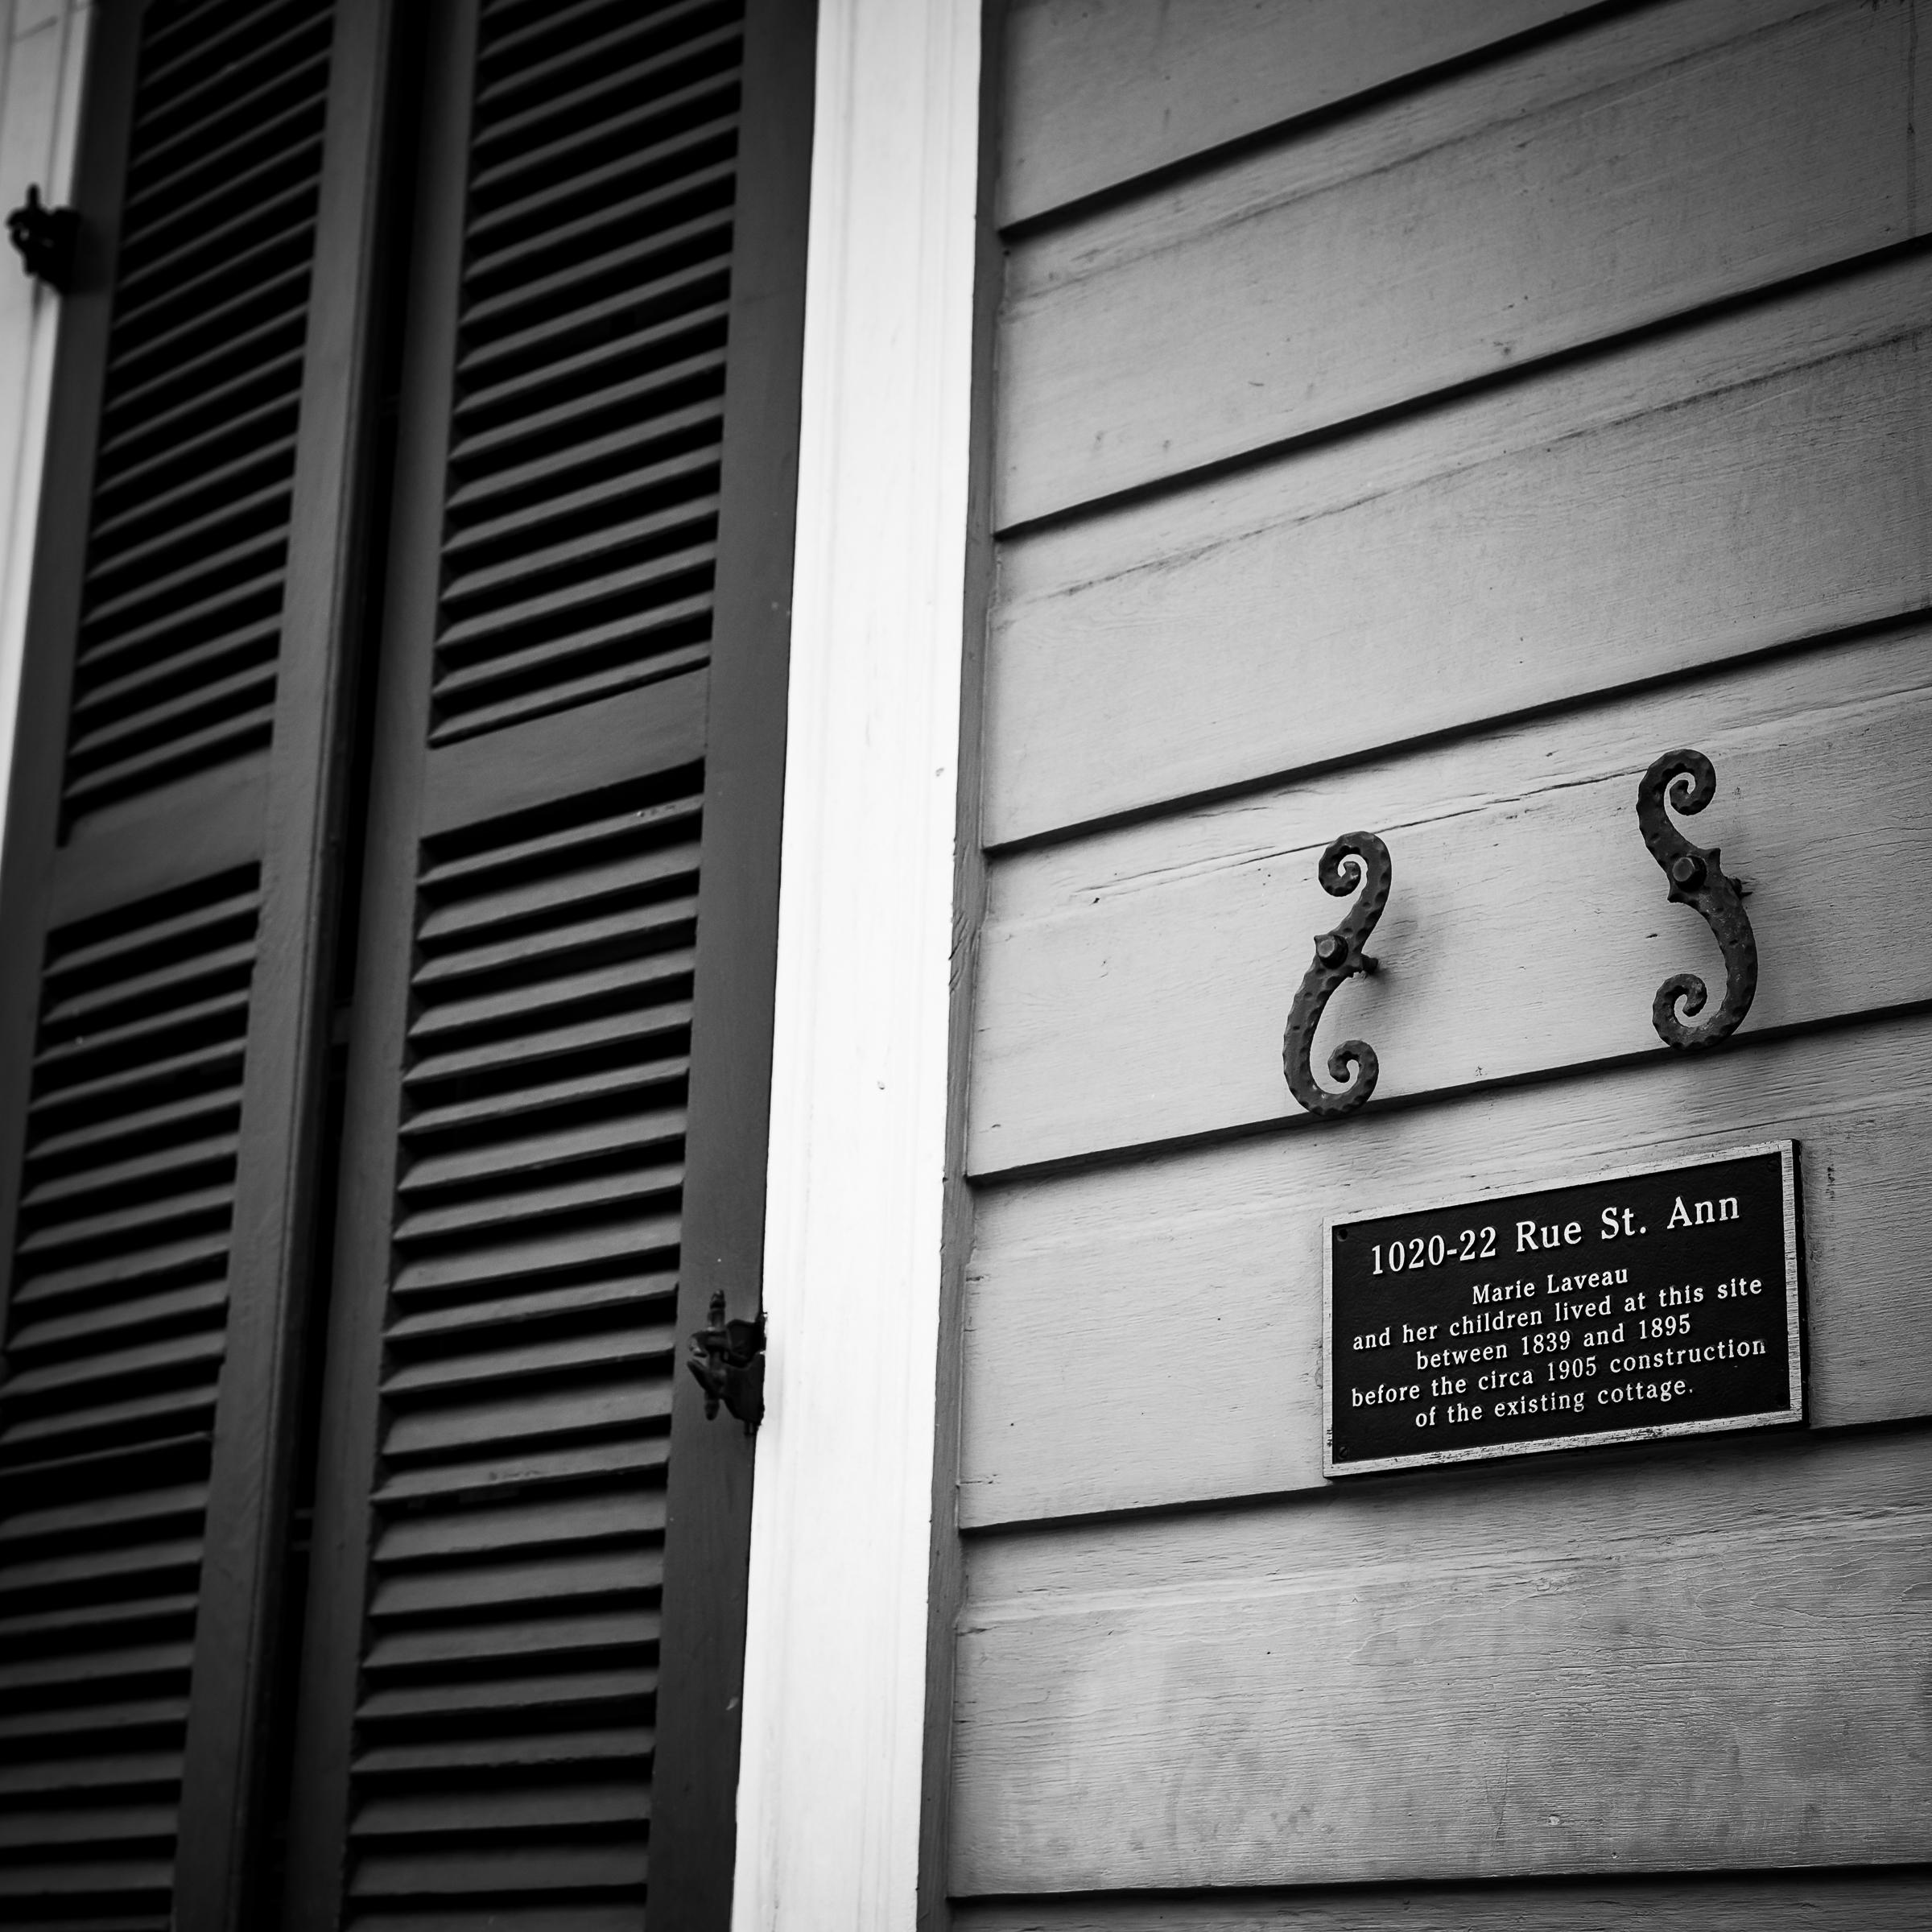 1020-22 Rue St. Ann